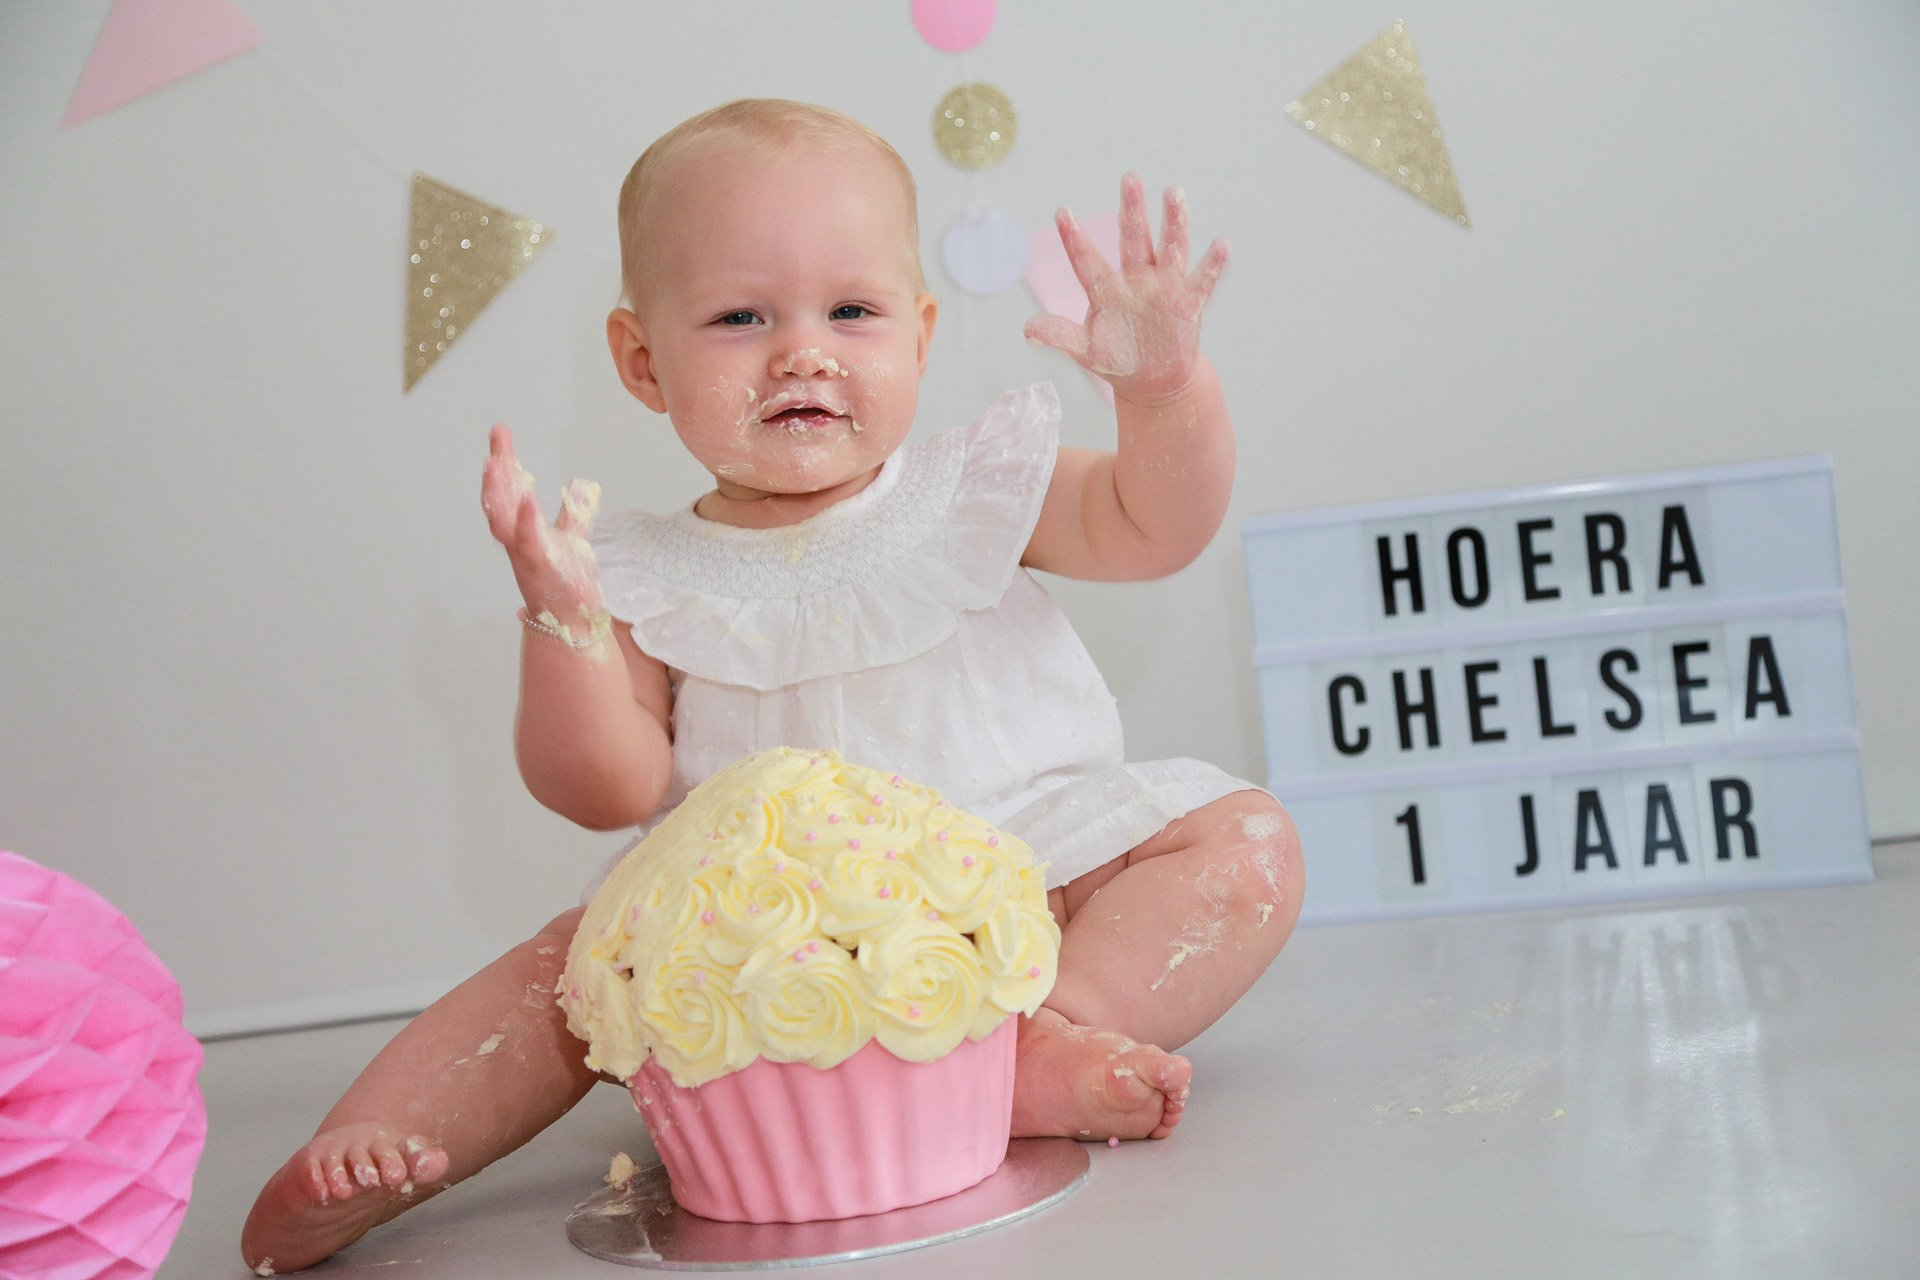 Babyfotografie…<br />Blik terug met een glimlach